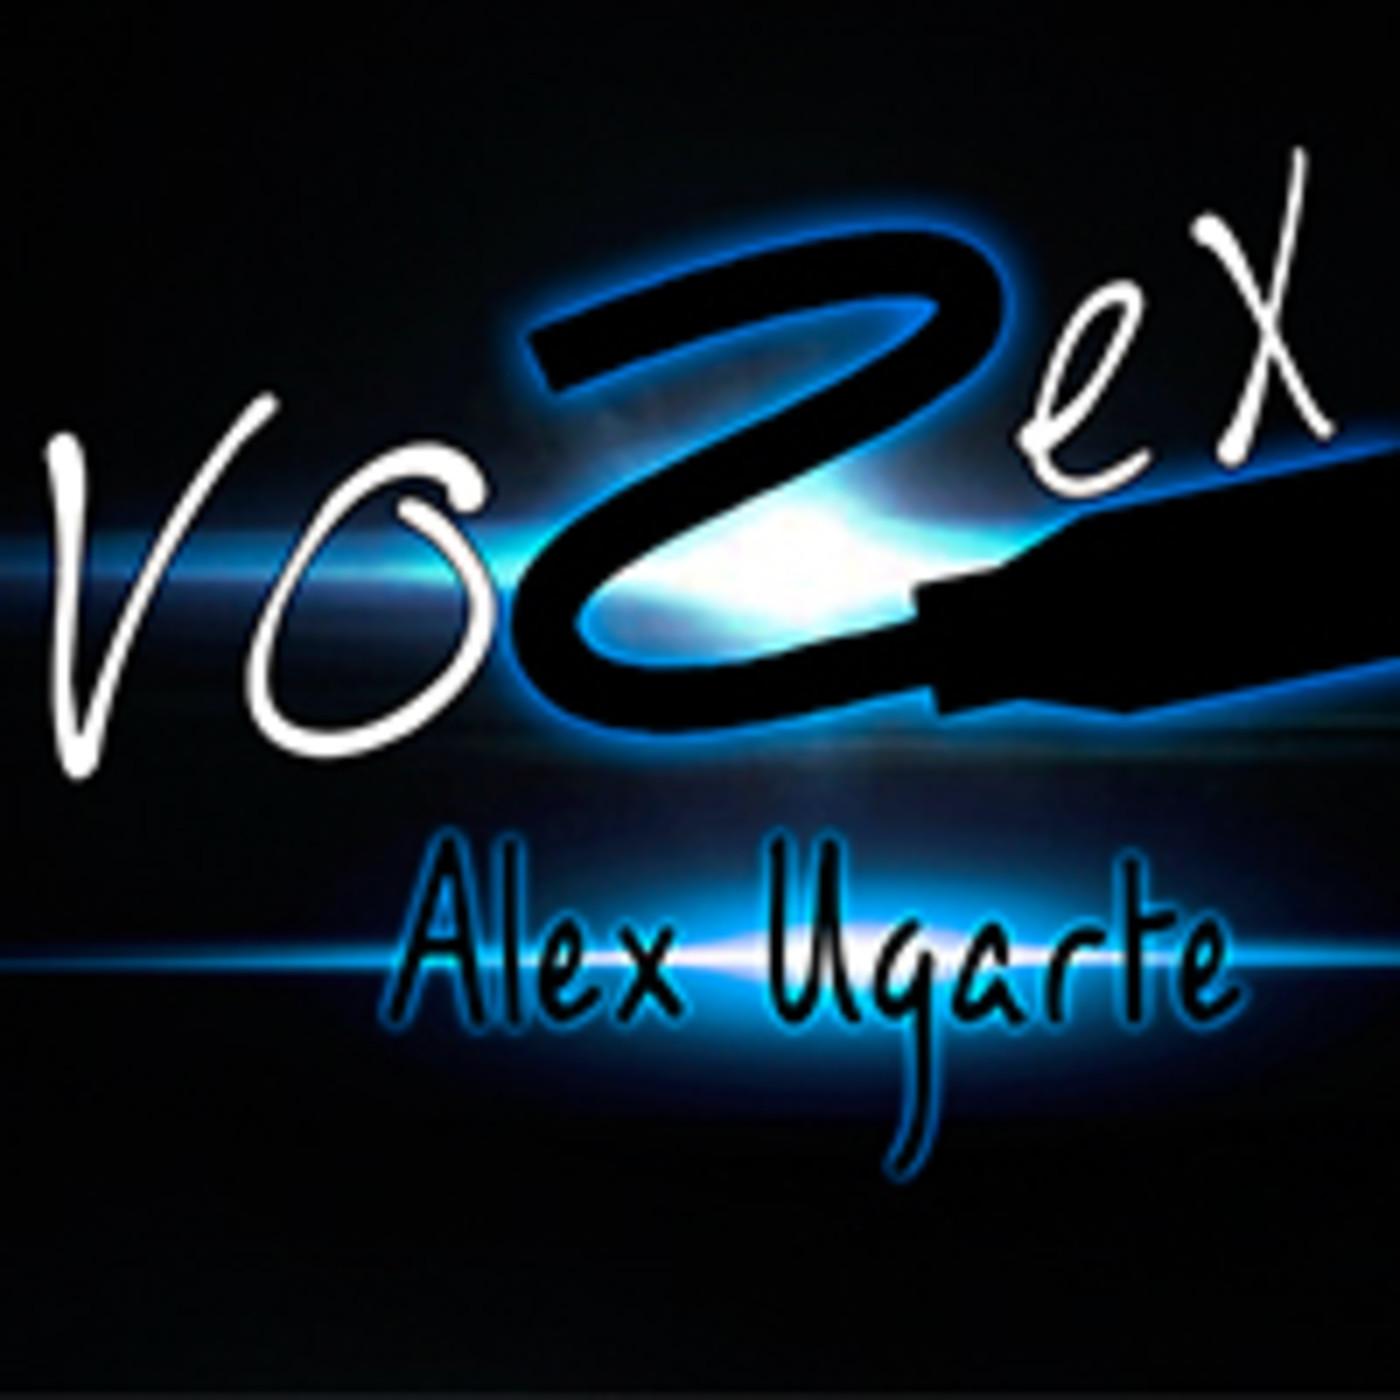 voZex - Alex Ugarte